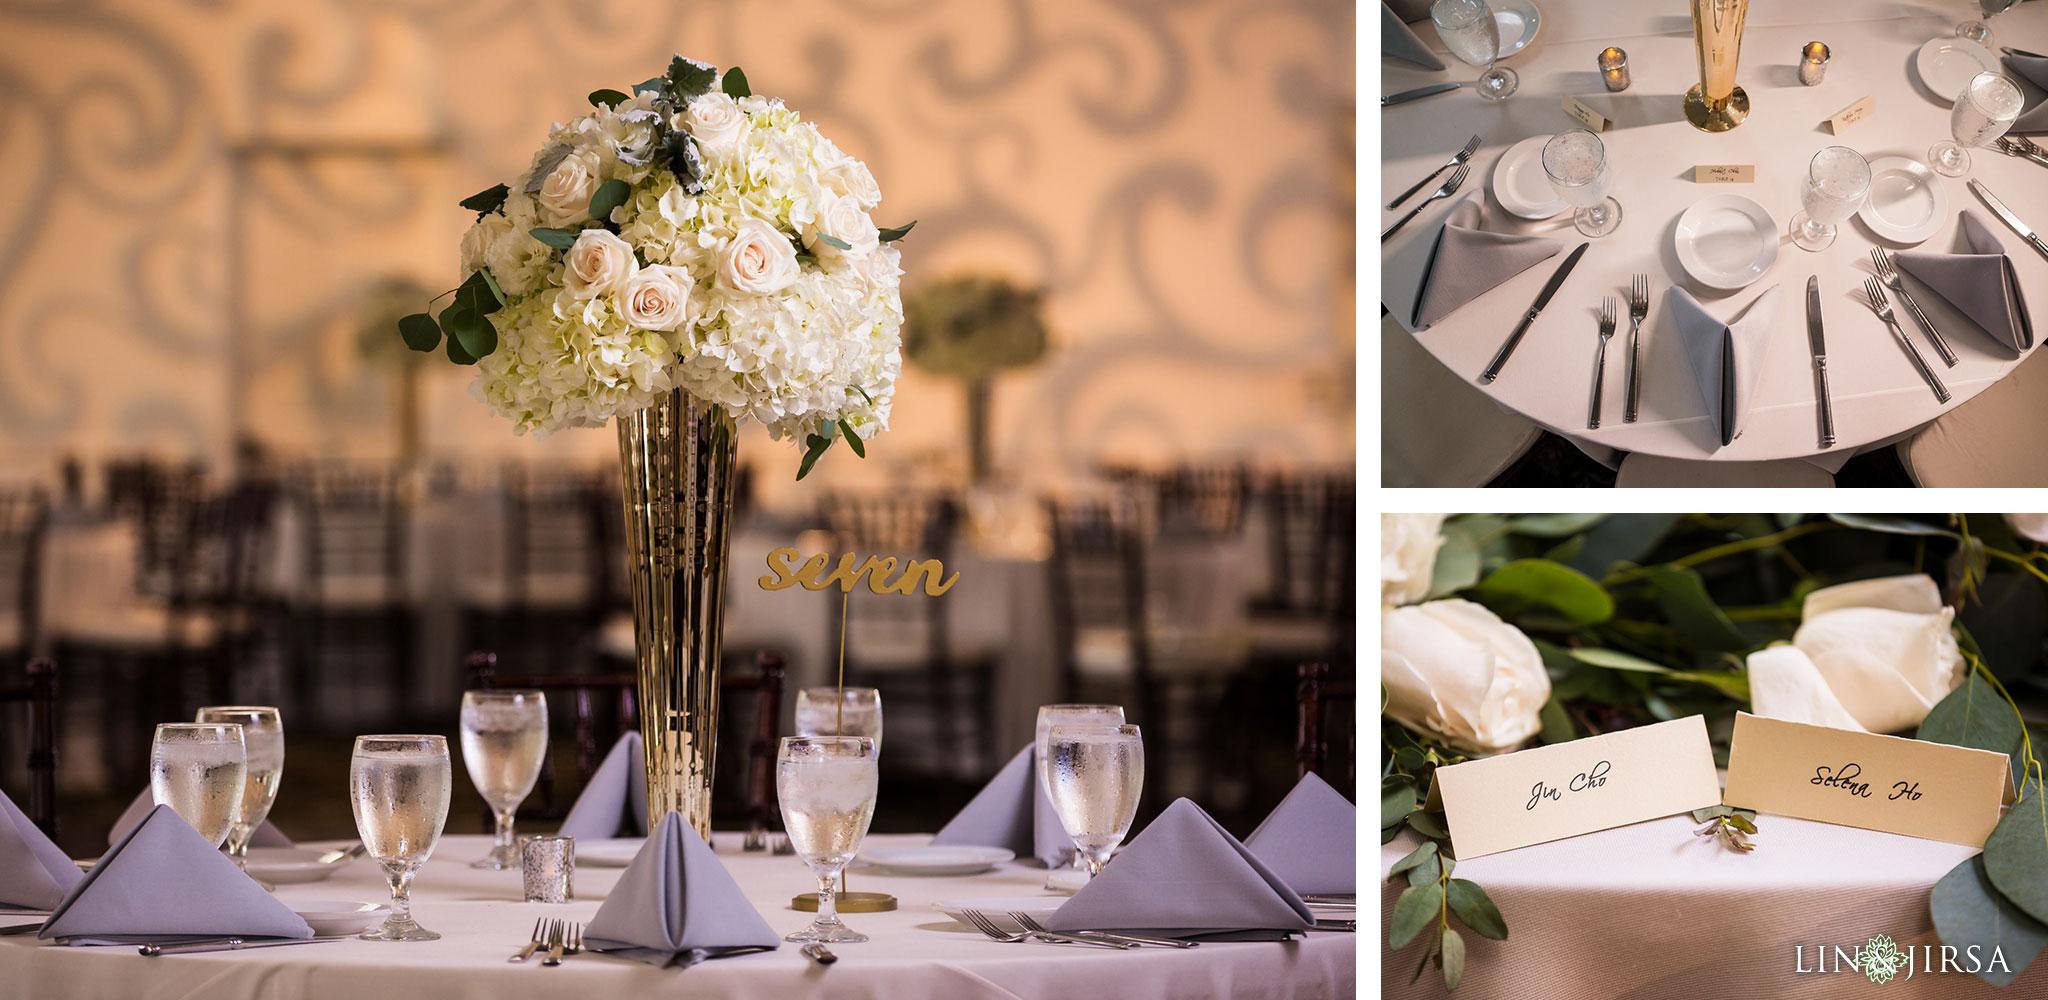 24 westridge golf club la habra wedding reception photography